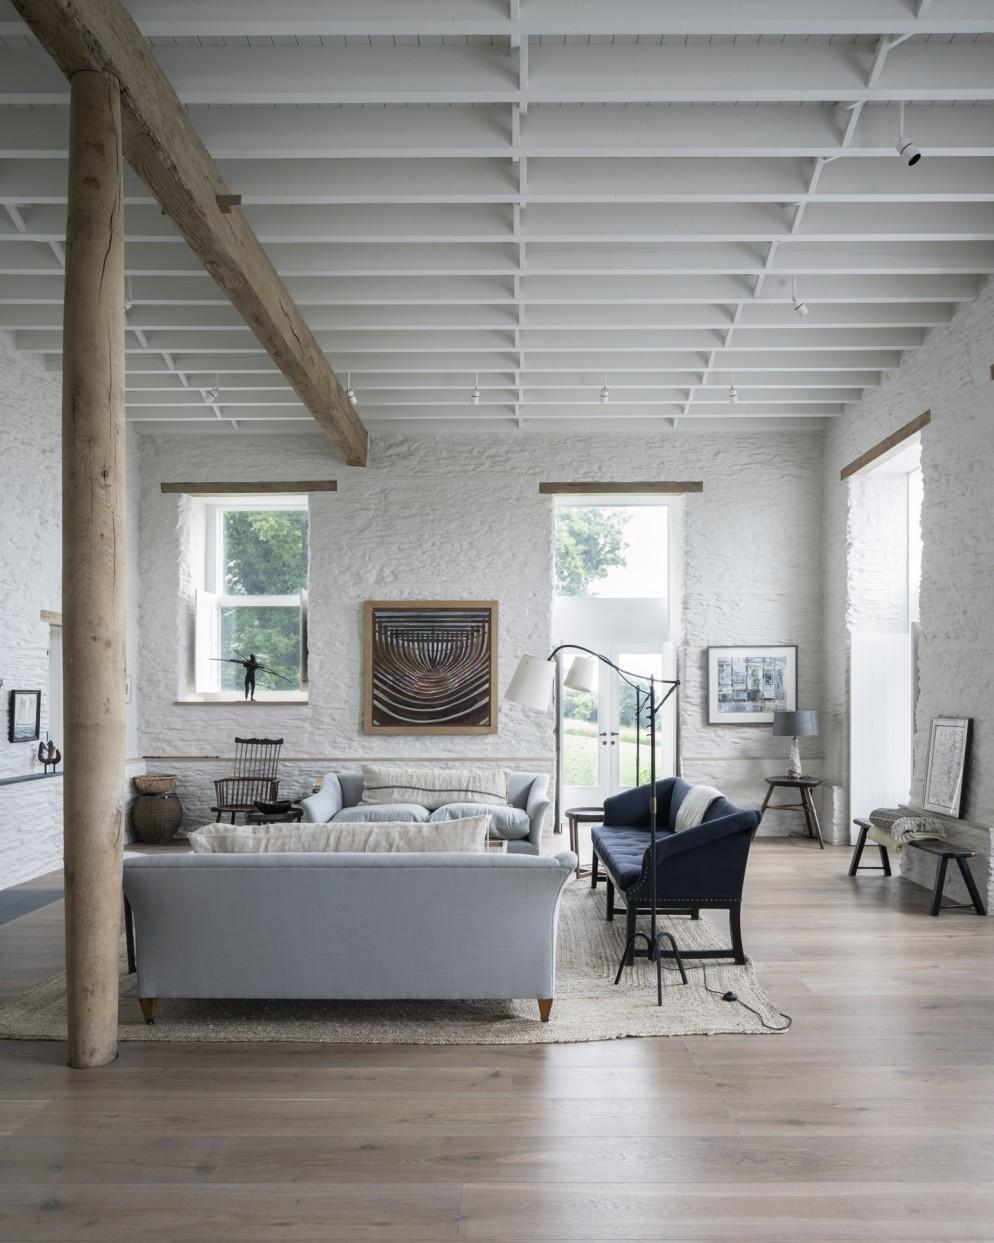 13_Coastal House_Johan Dehlin